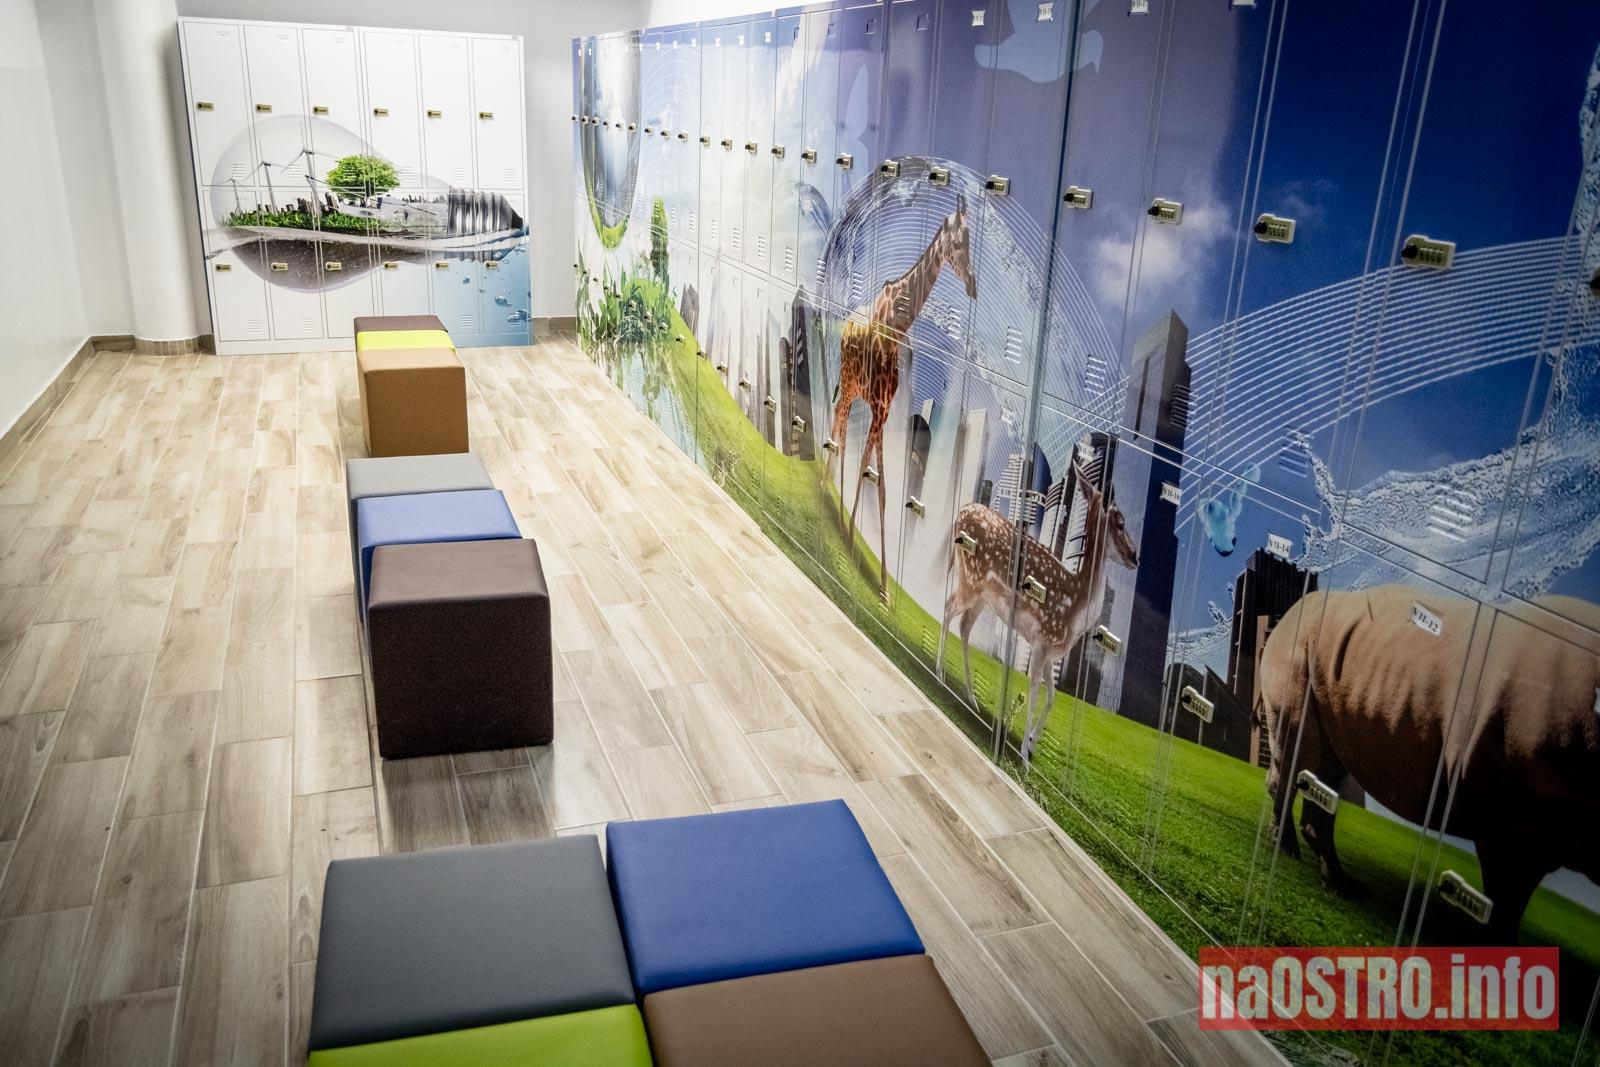 NaOSTRO.info Szkoła Baltów 092020-9